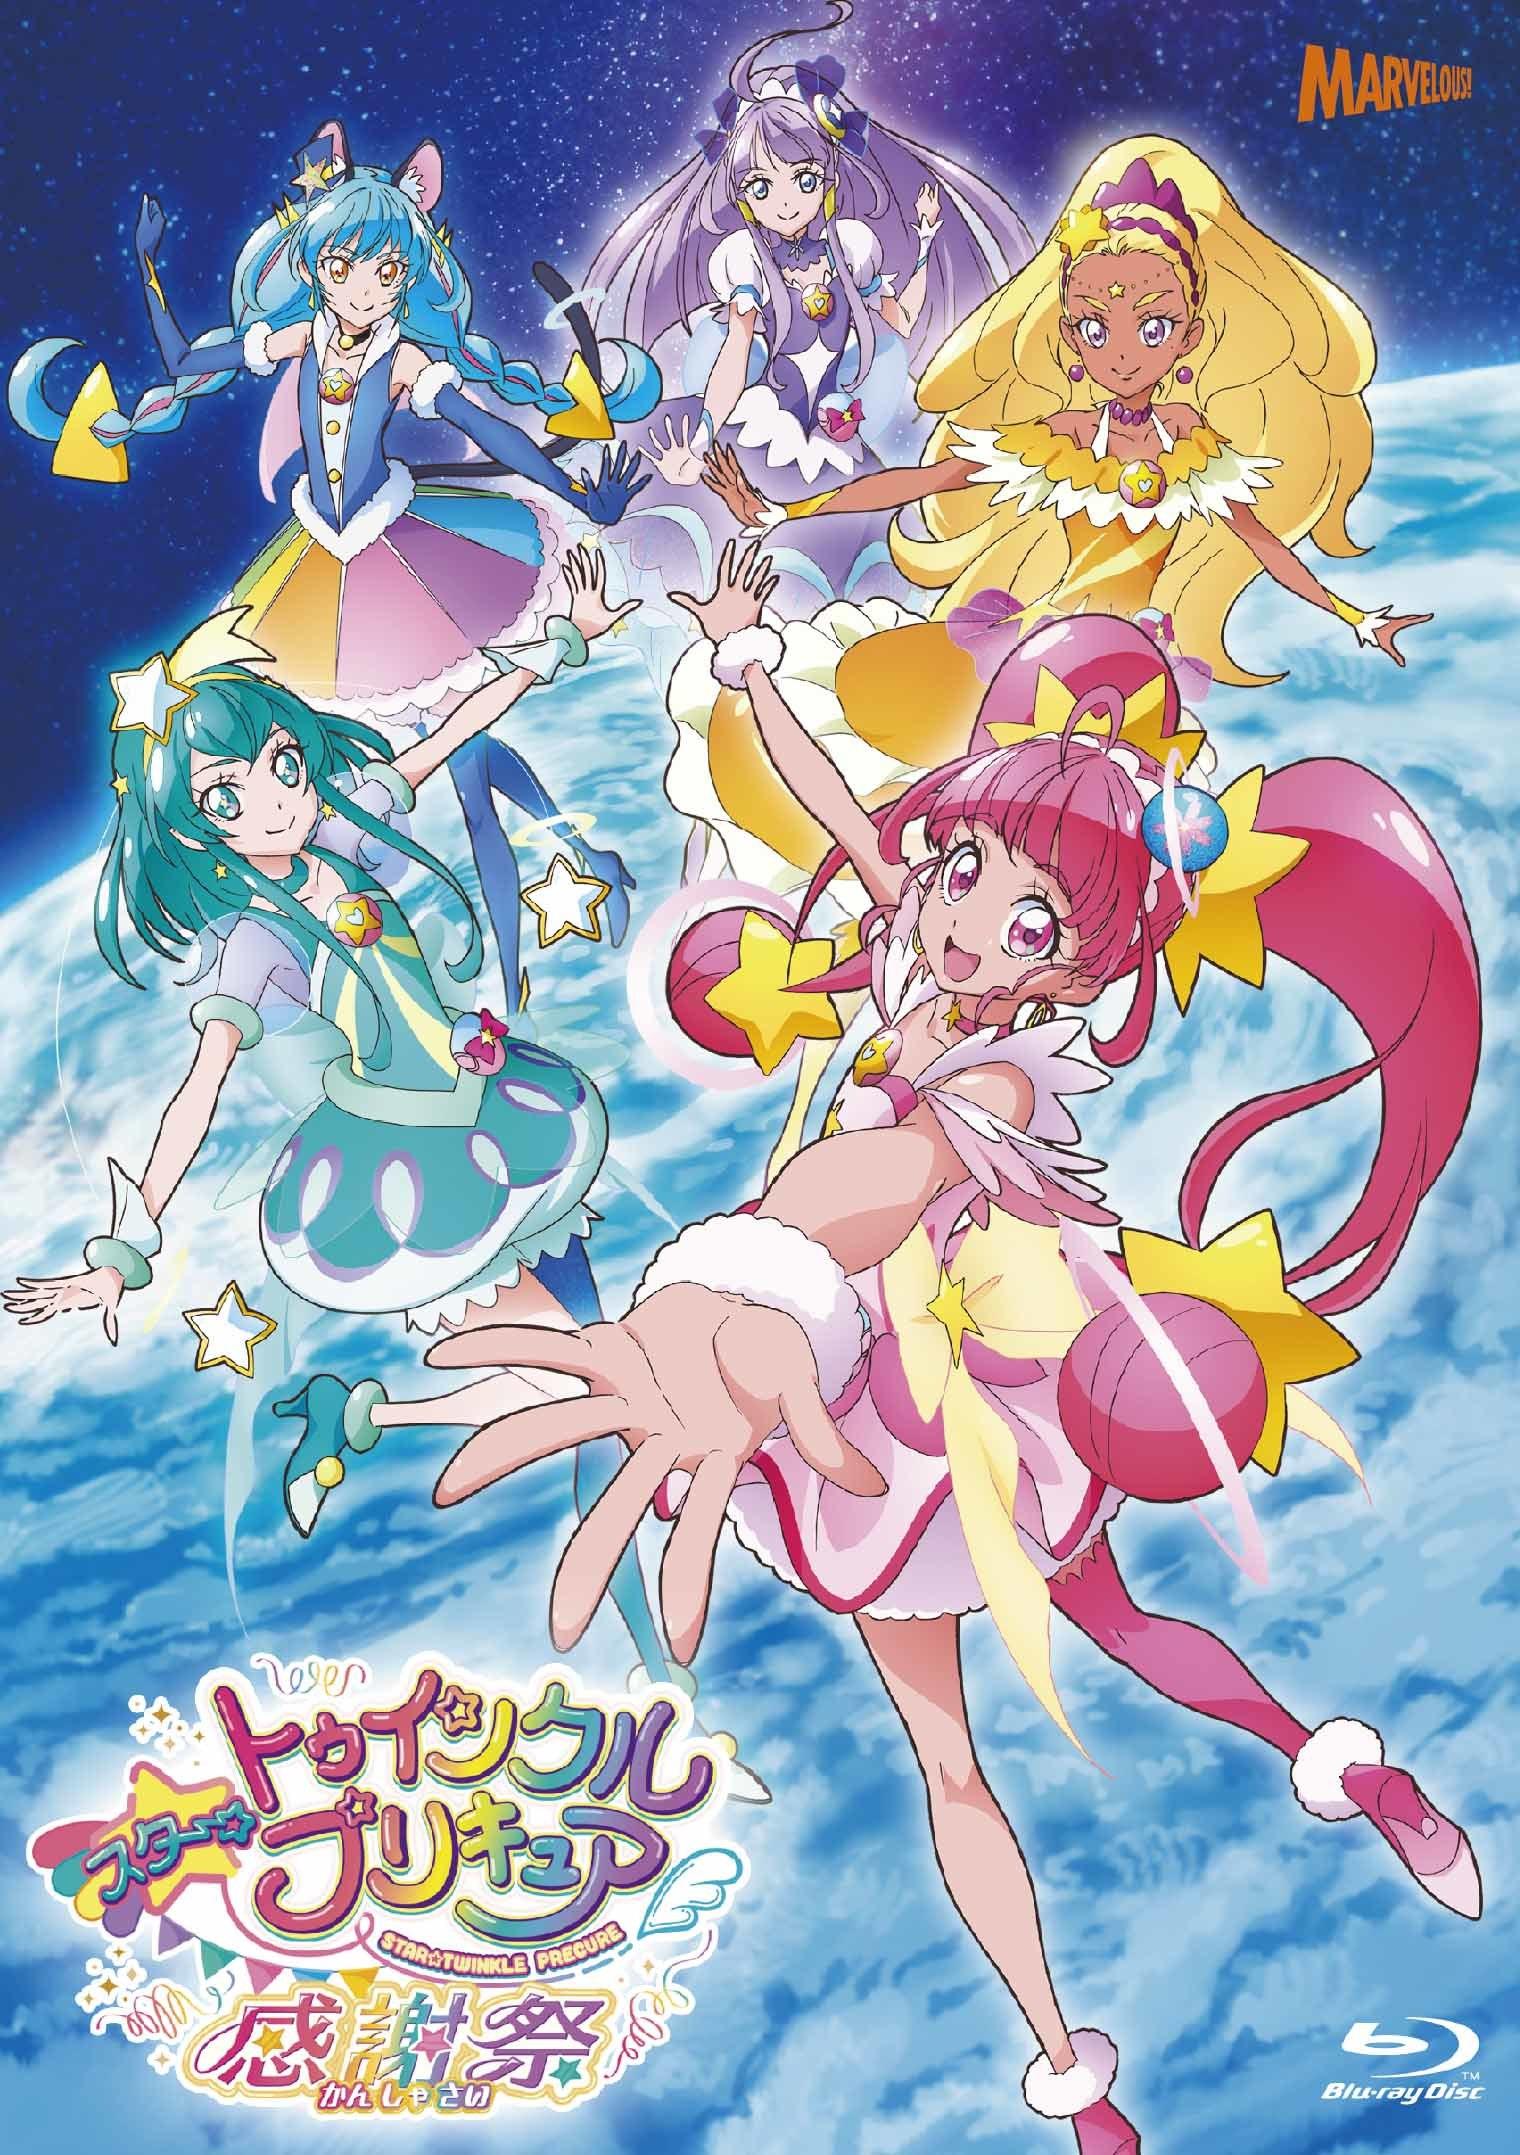 『スター☆トゥインクルプリキュア感謝祭』Blu-rayジャケット (c)ABC-A・東映アニメーション